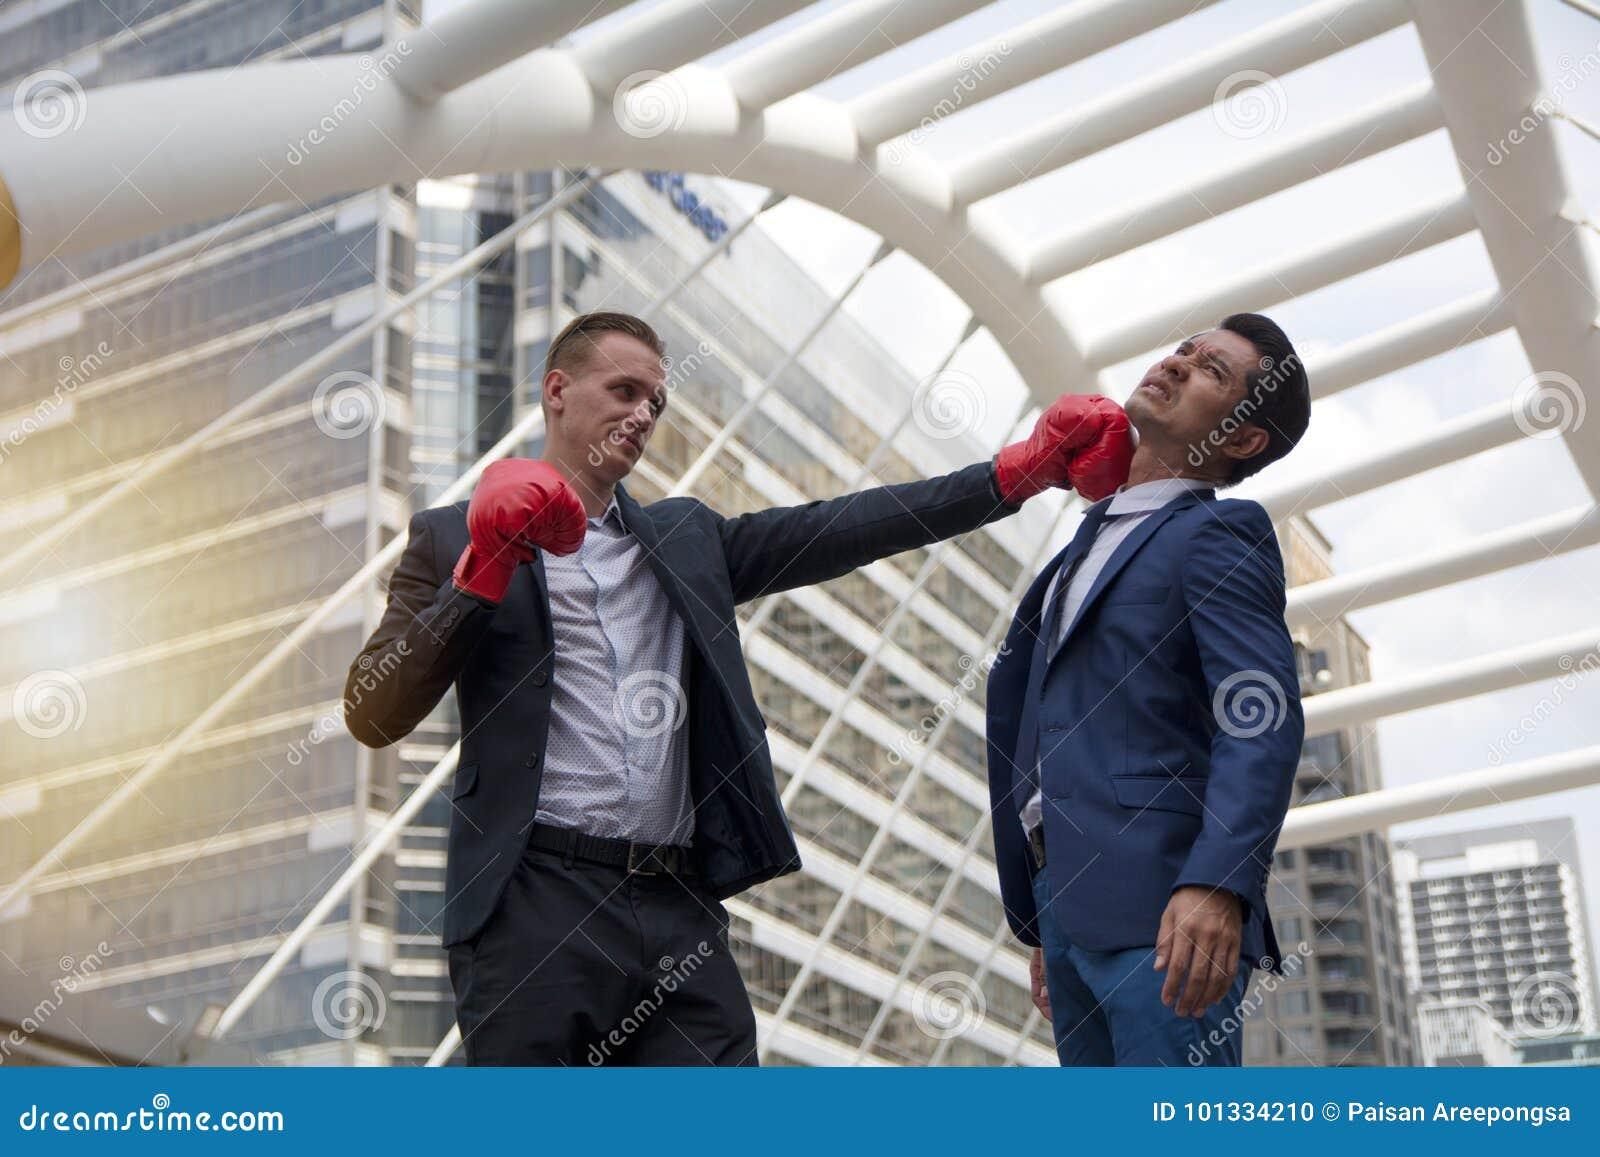 Affärsidé - konflikter som gör affär